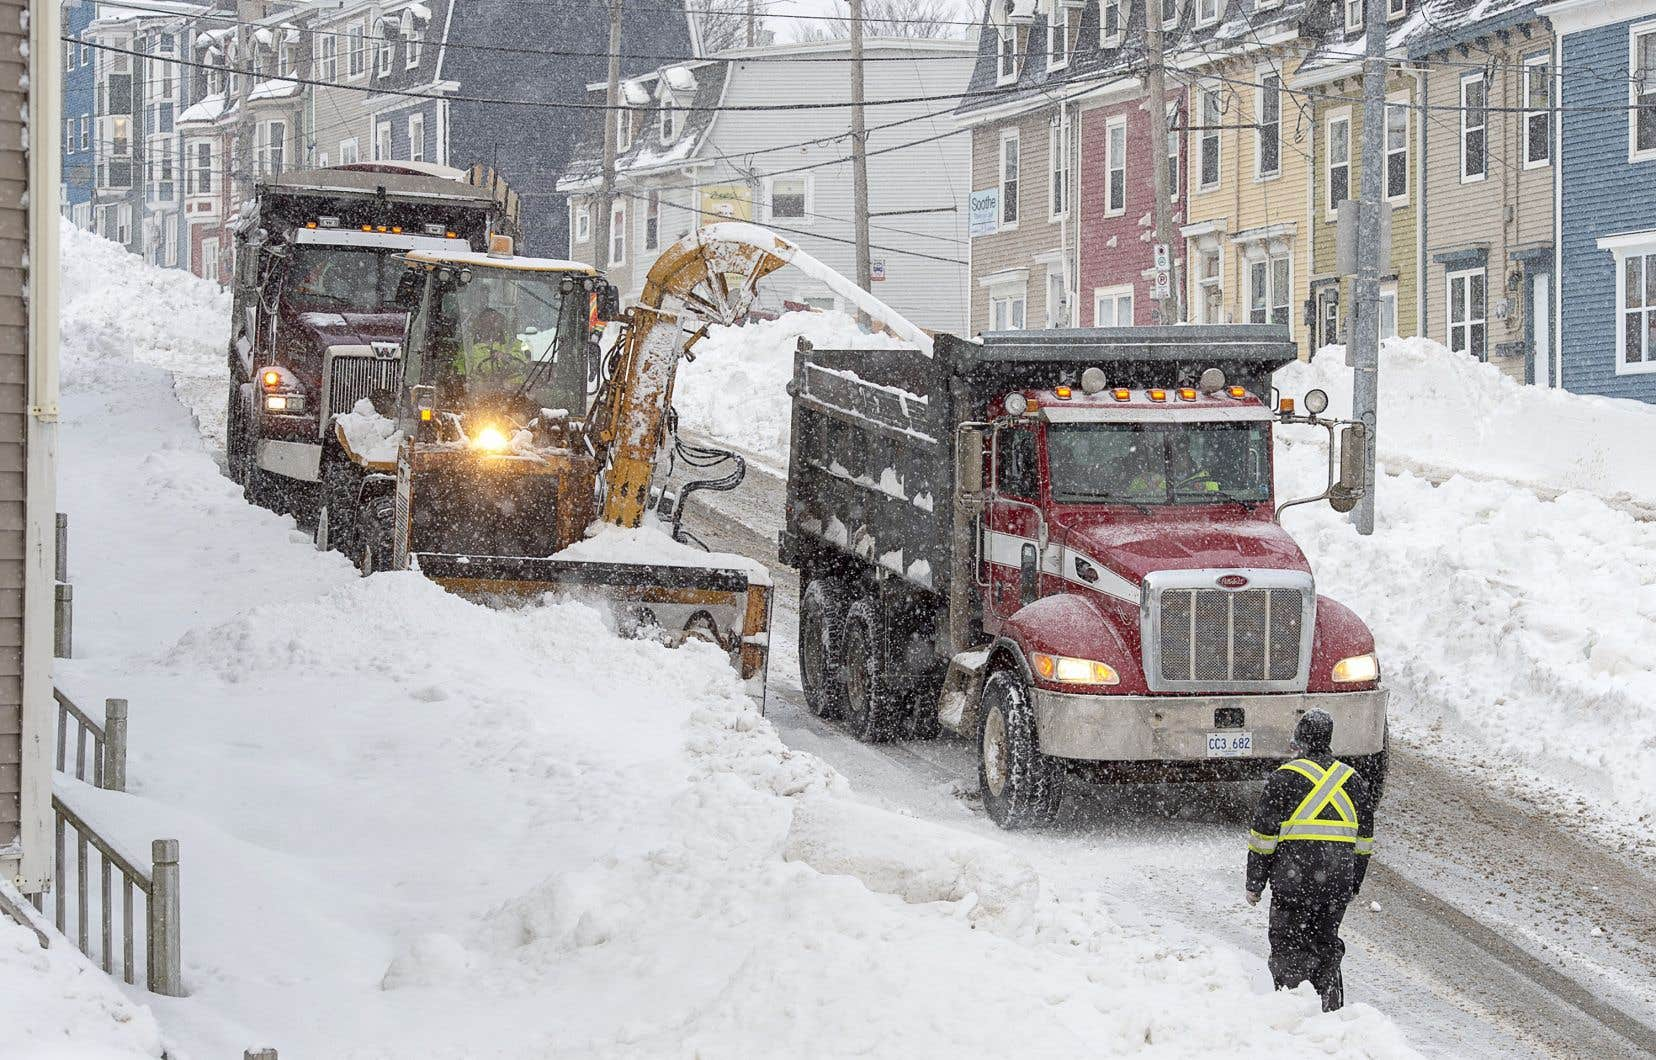 L'est de l'île a été frappé par une tempête qui a laissé plus de 76 centimètres de neige au sol.